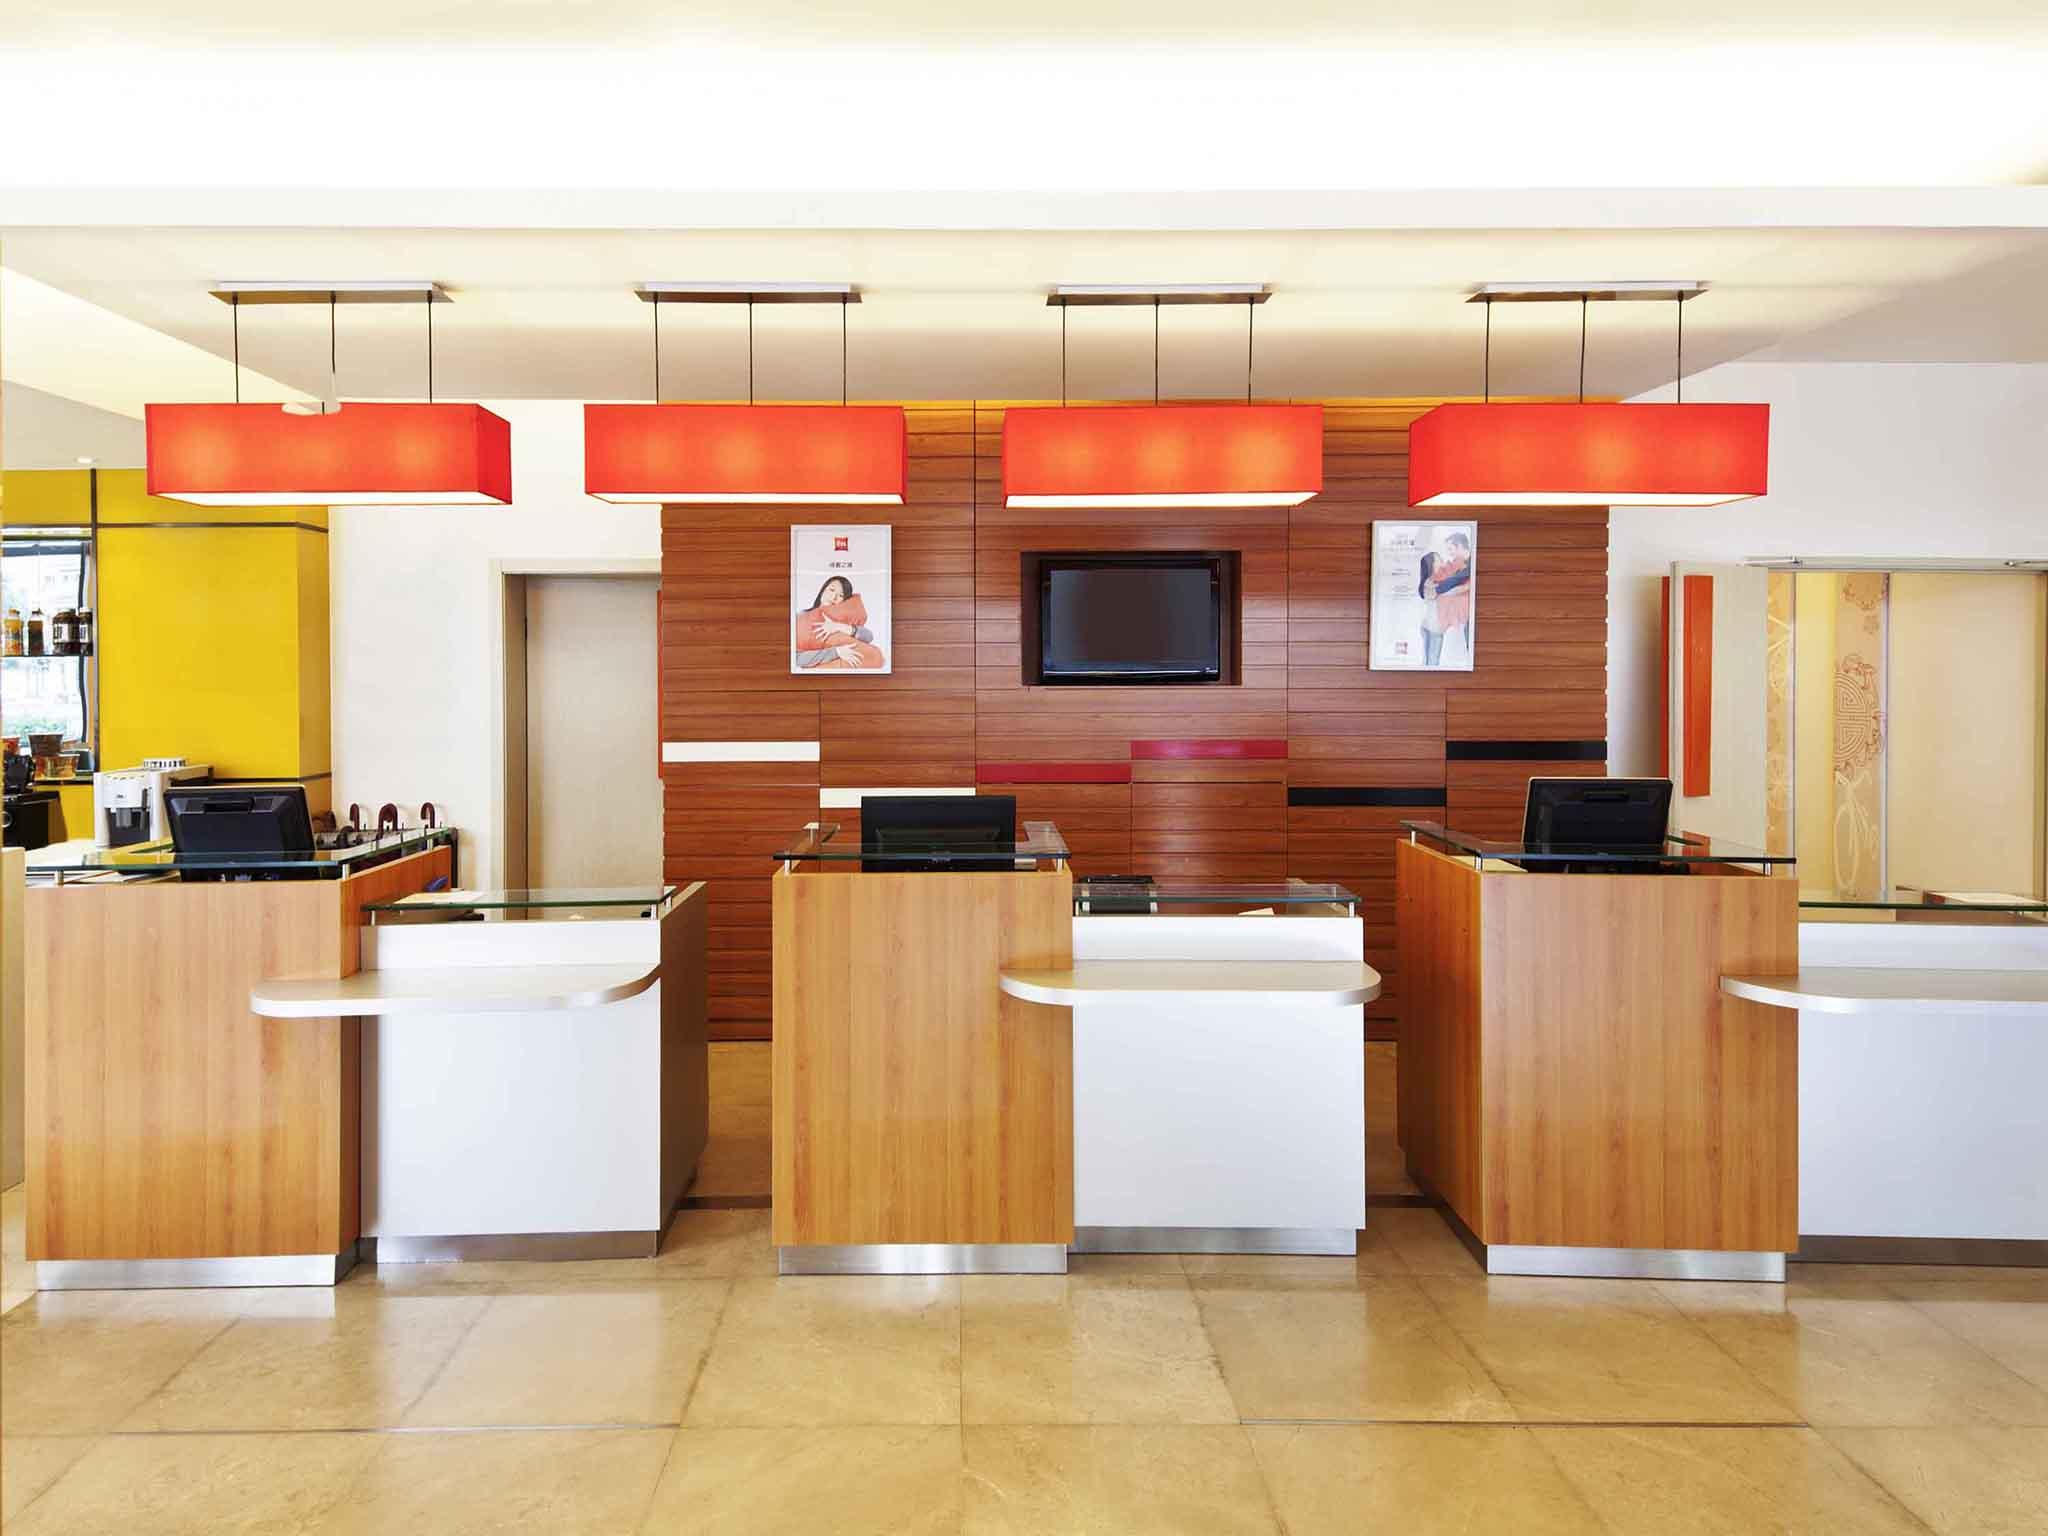 โรงแรม – ไอบิส เซี่ยงไฮ้ เวิลด์ เอ็กซ์โป